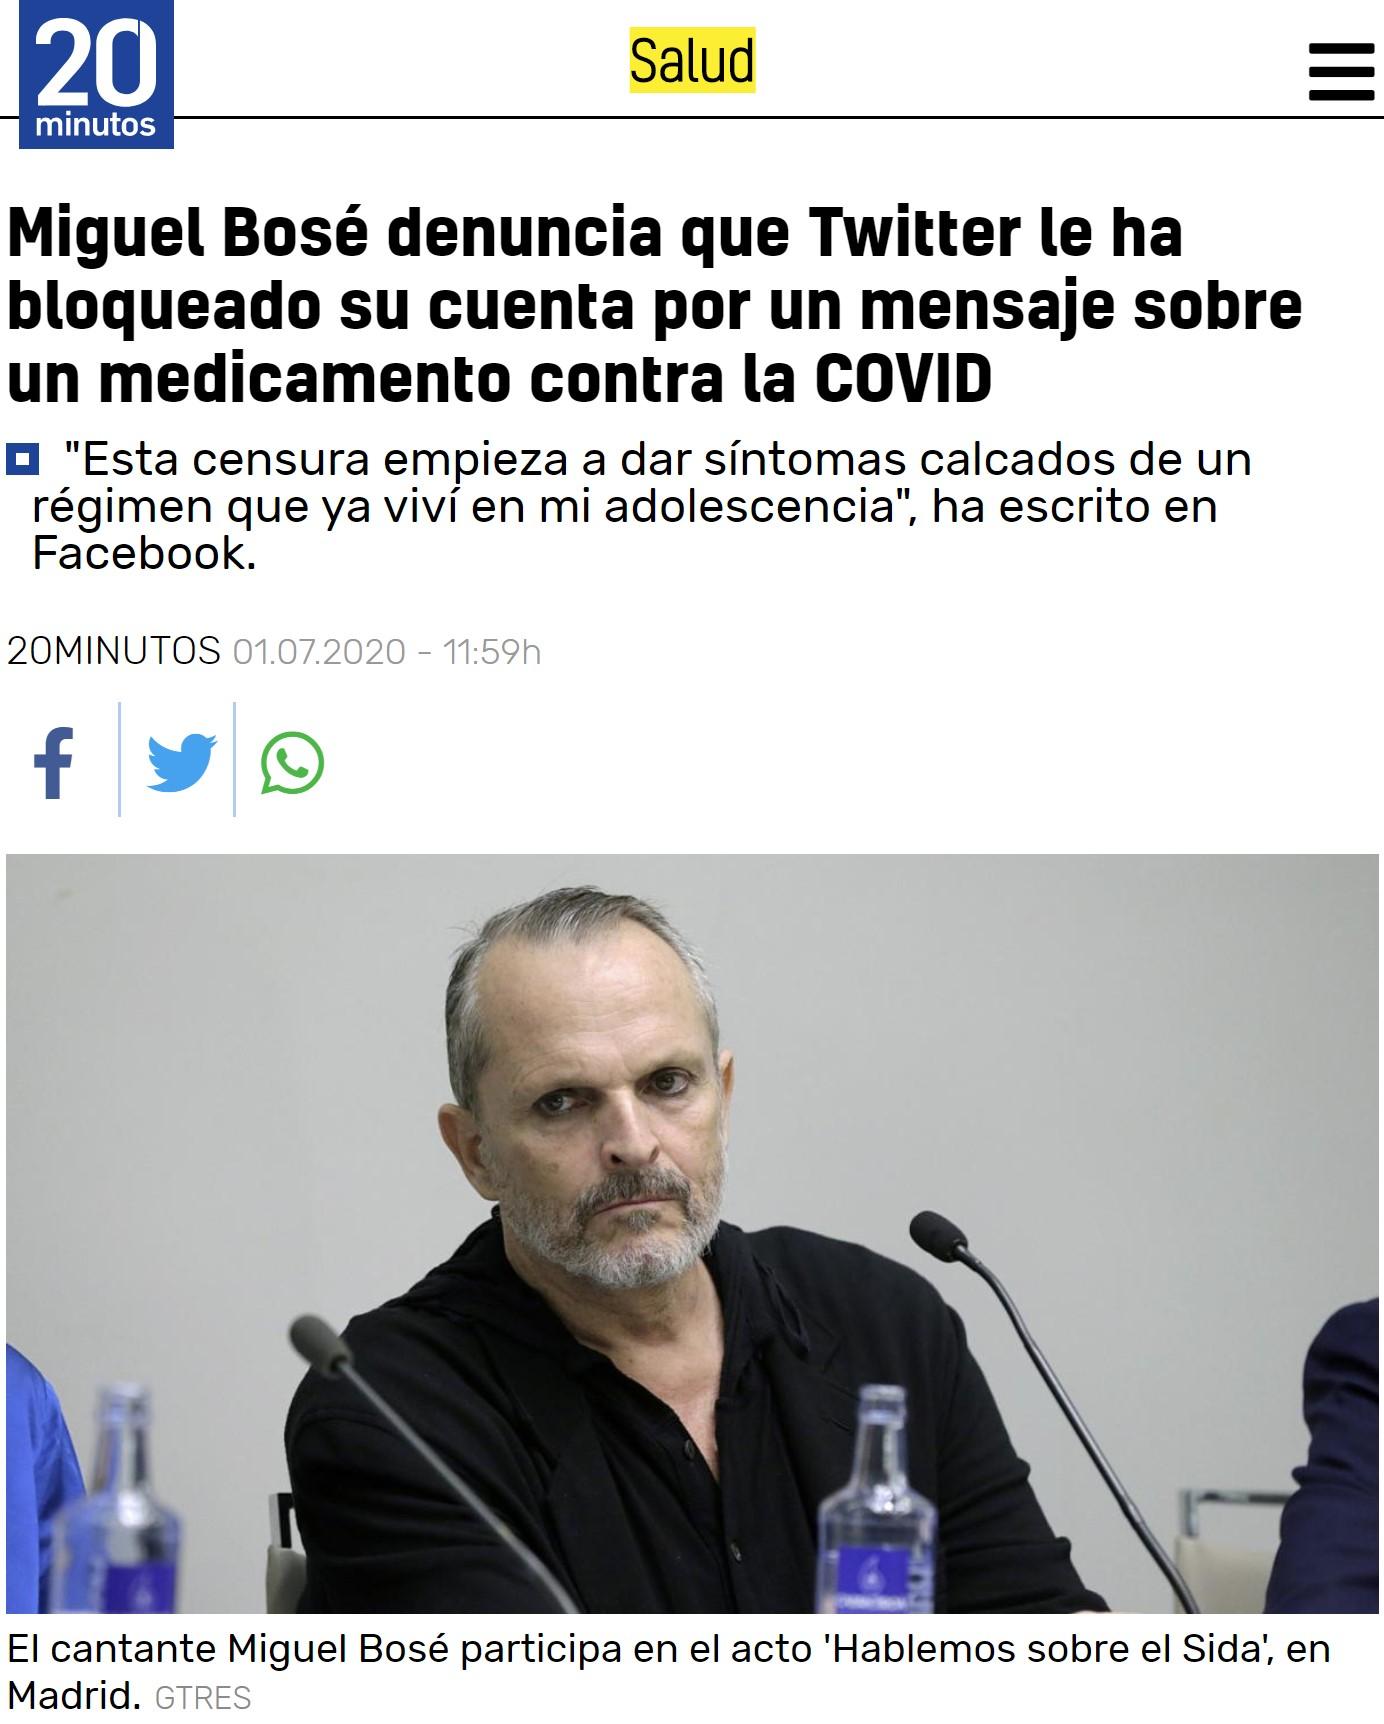 Miguel Bosé se queja de que no le dejan ser retarded en redes sociales